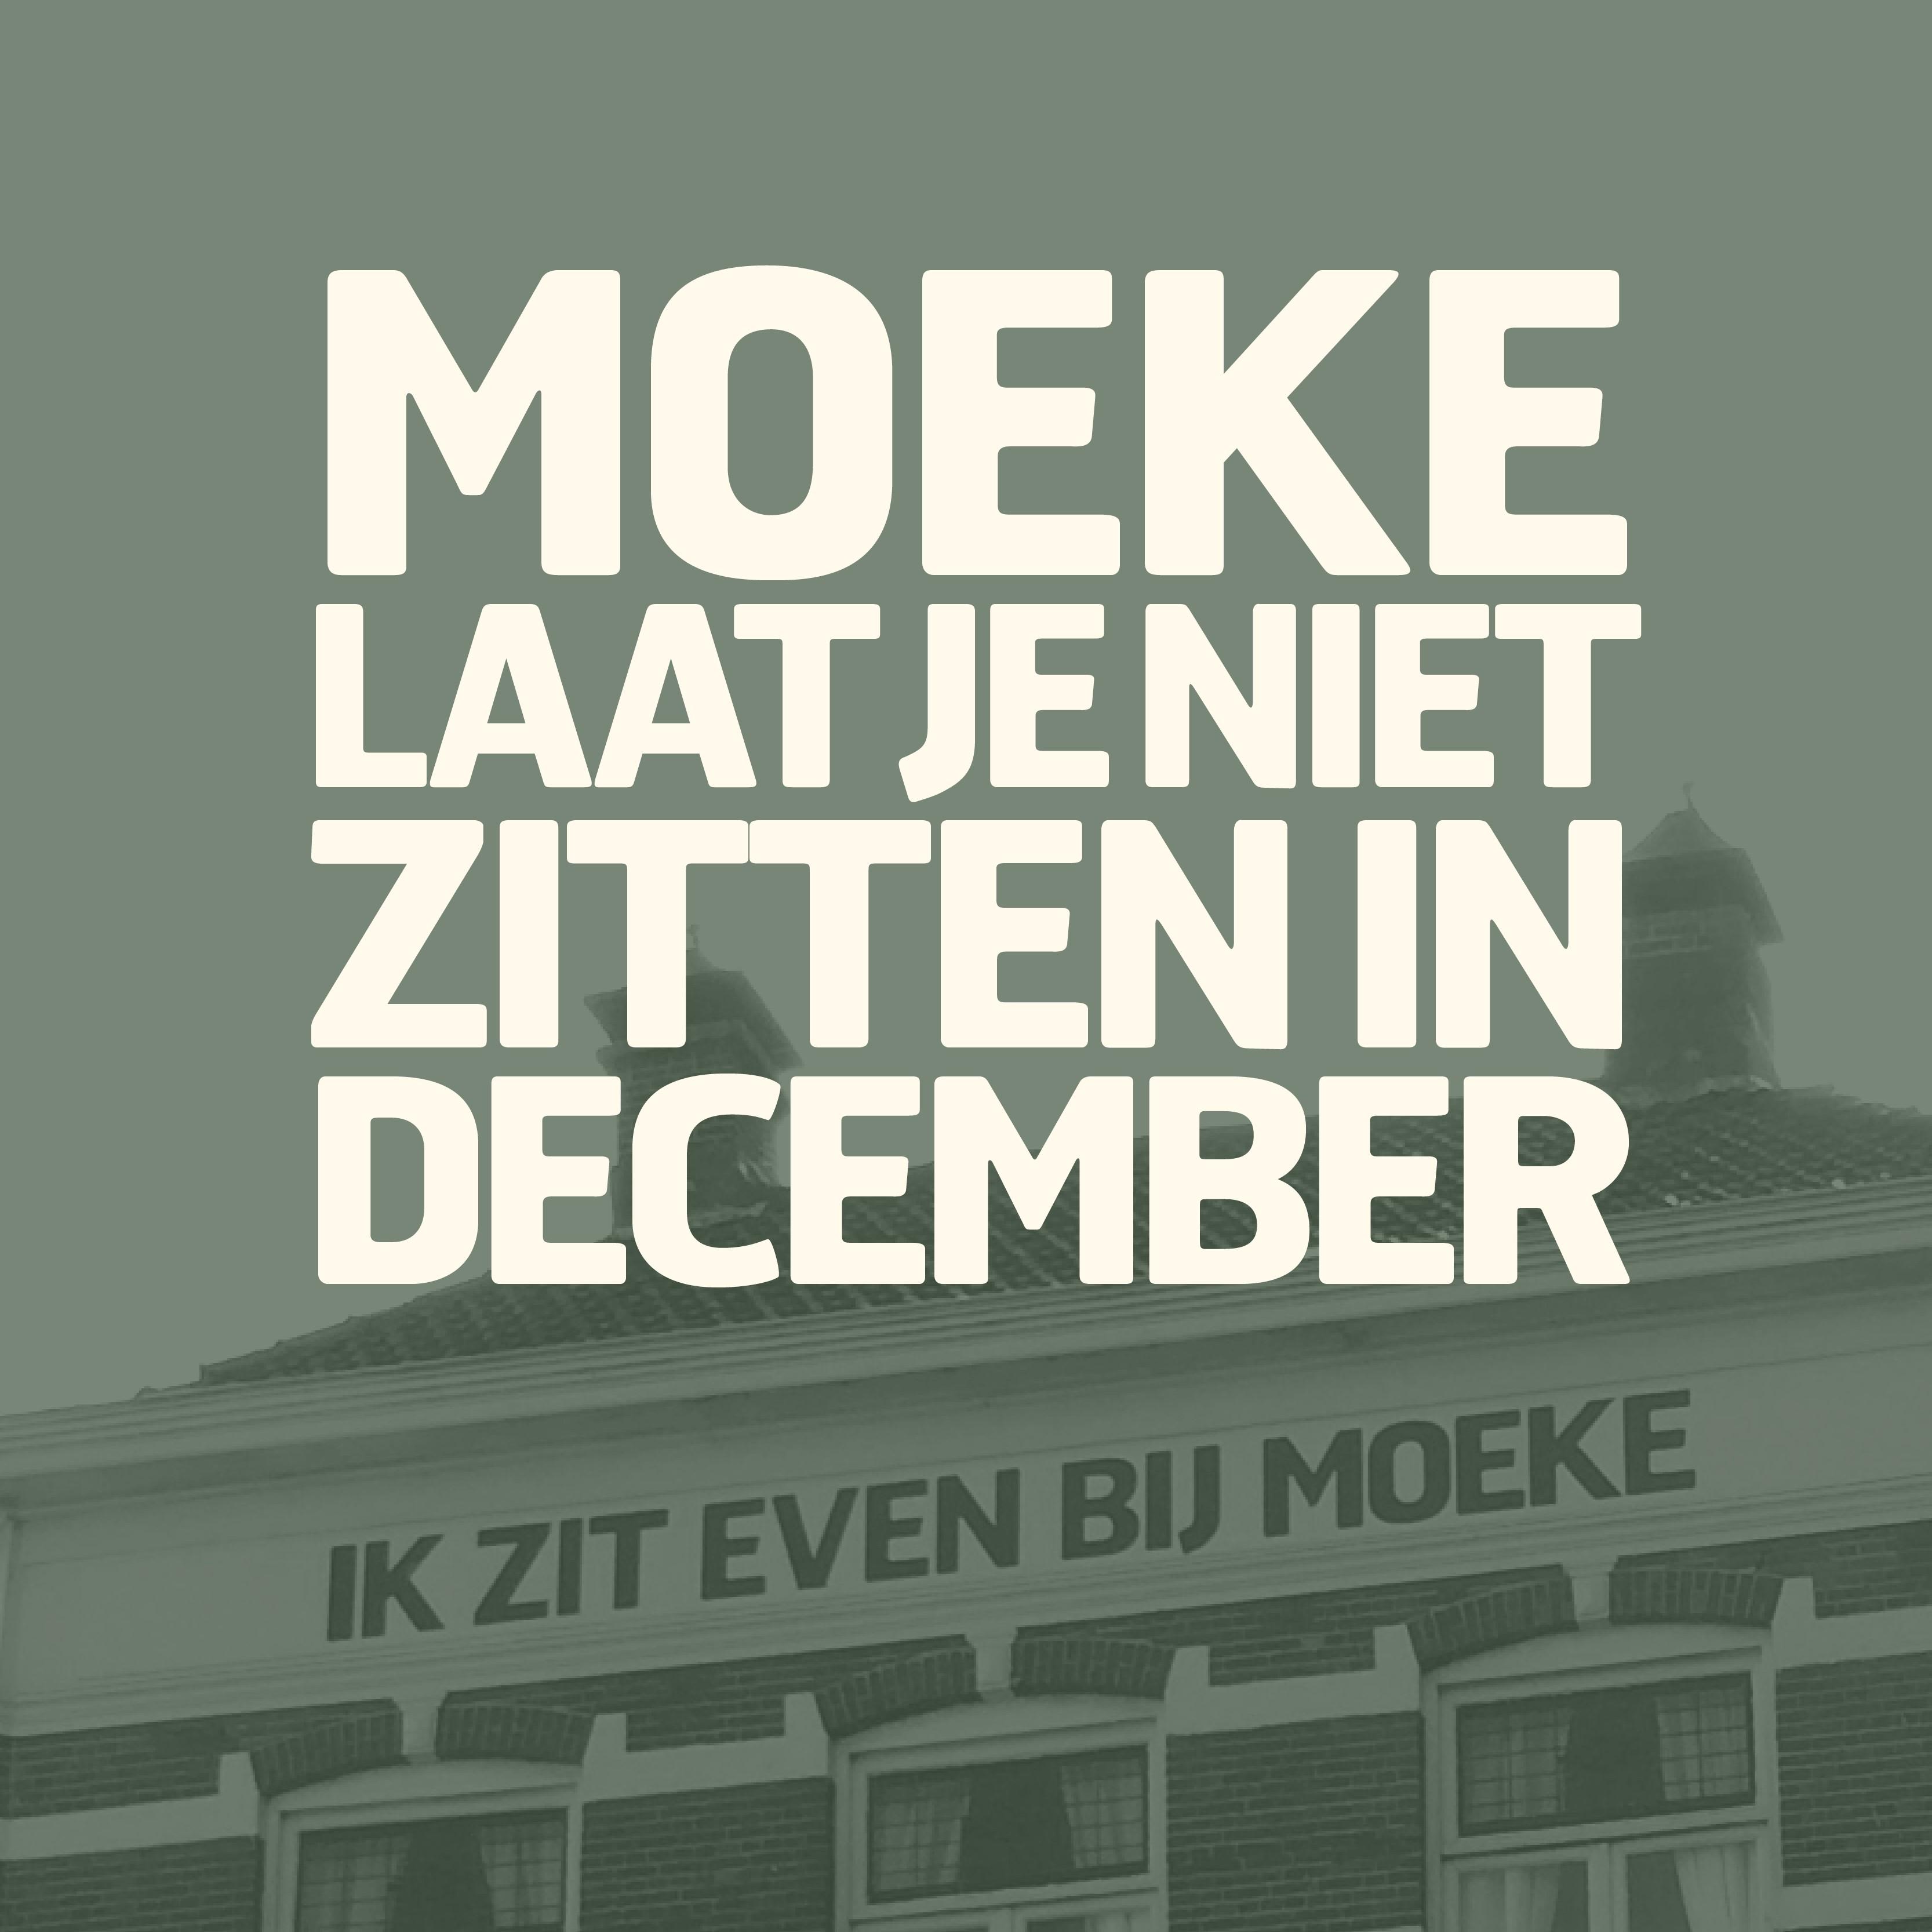 MOEKE_LAAT_JE_NIET_ZITTEN_IN_DECEMBER.jpg